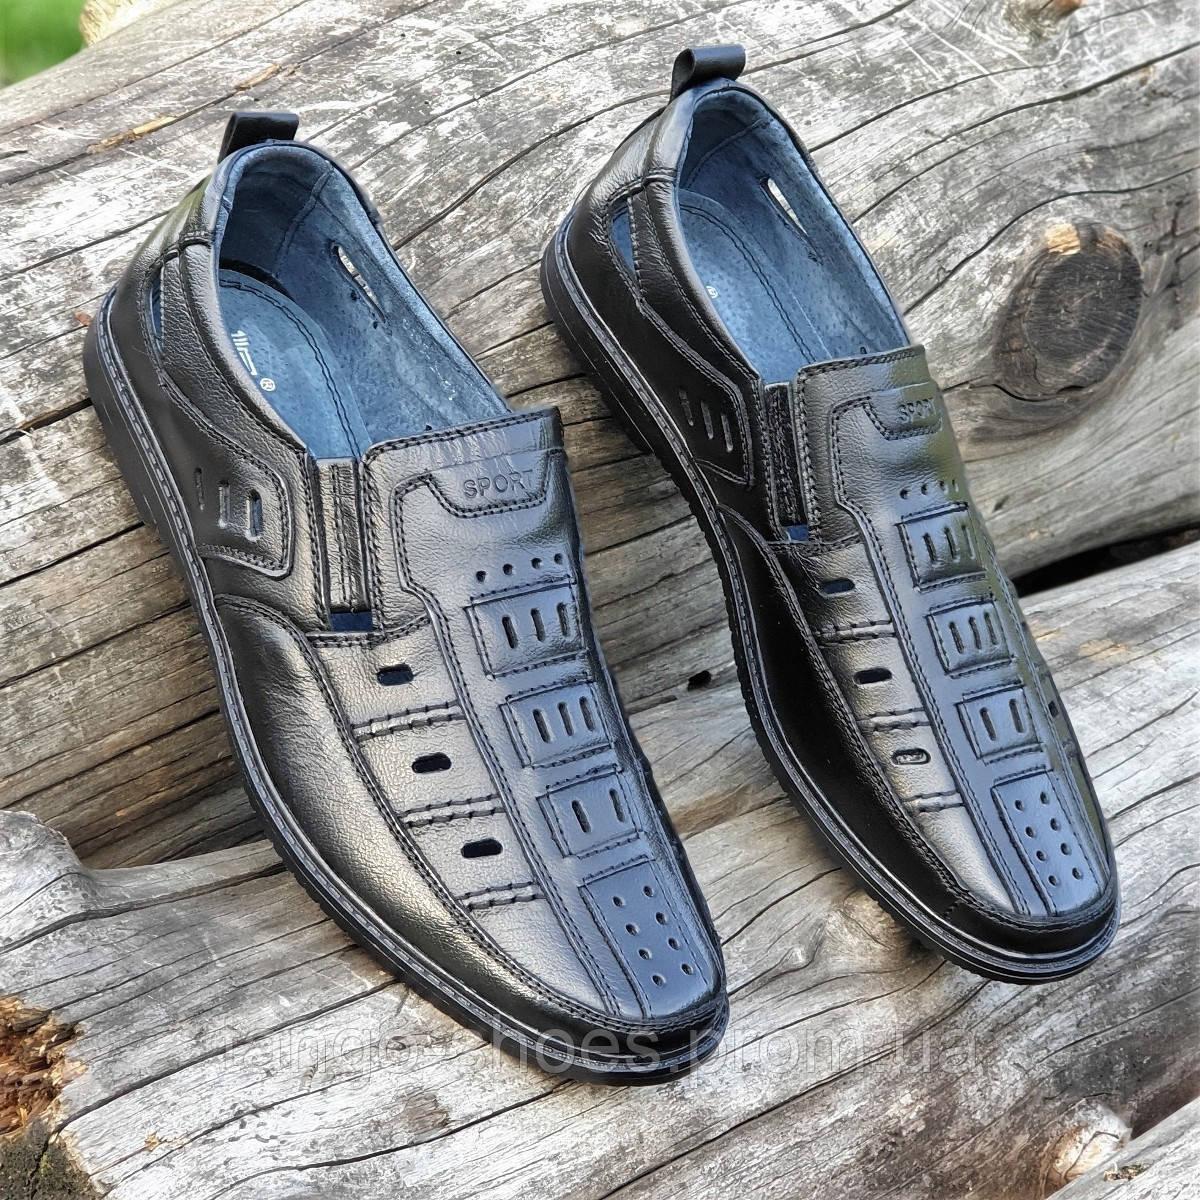 35bdfbfdcc89 Купить Мужские летние открытые туфли черные кожаные повседневные без  шнурков в ...